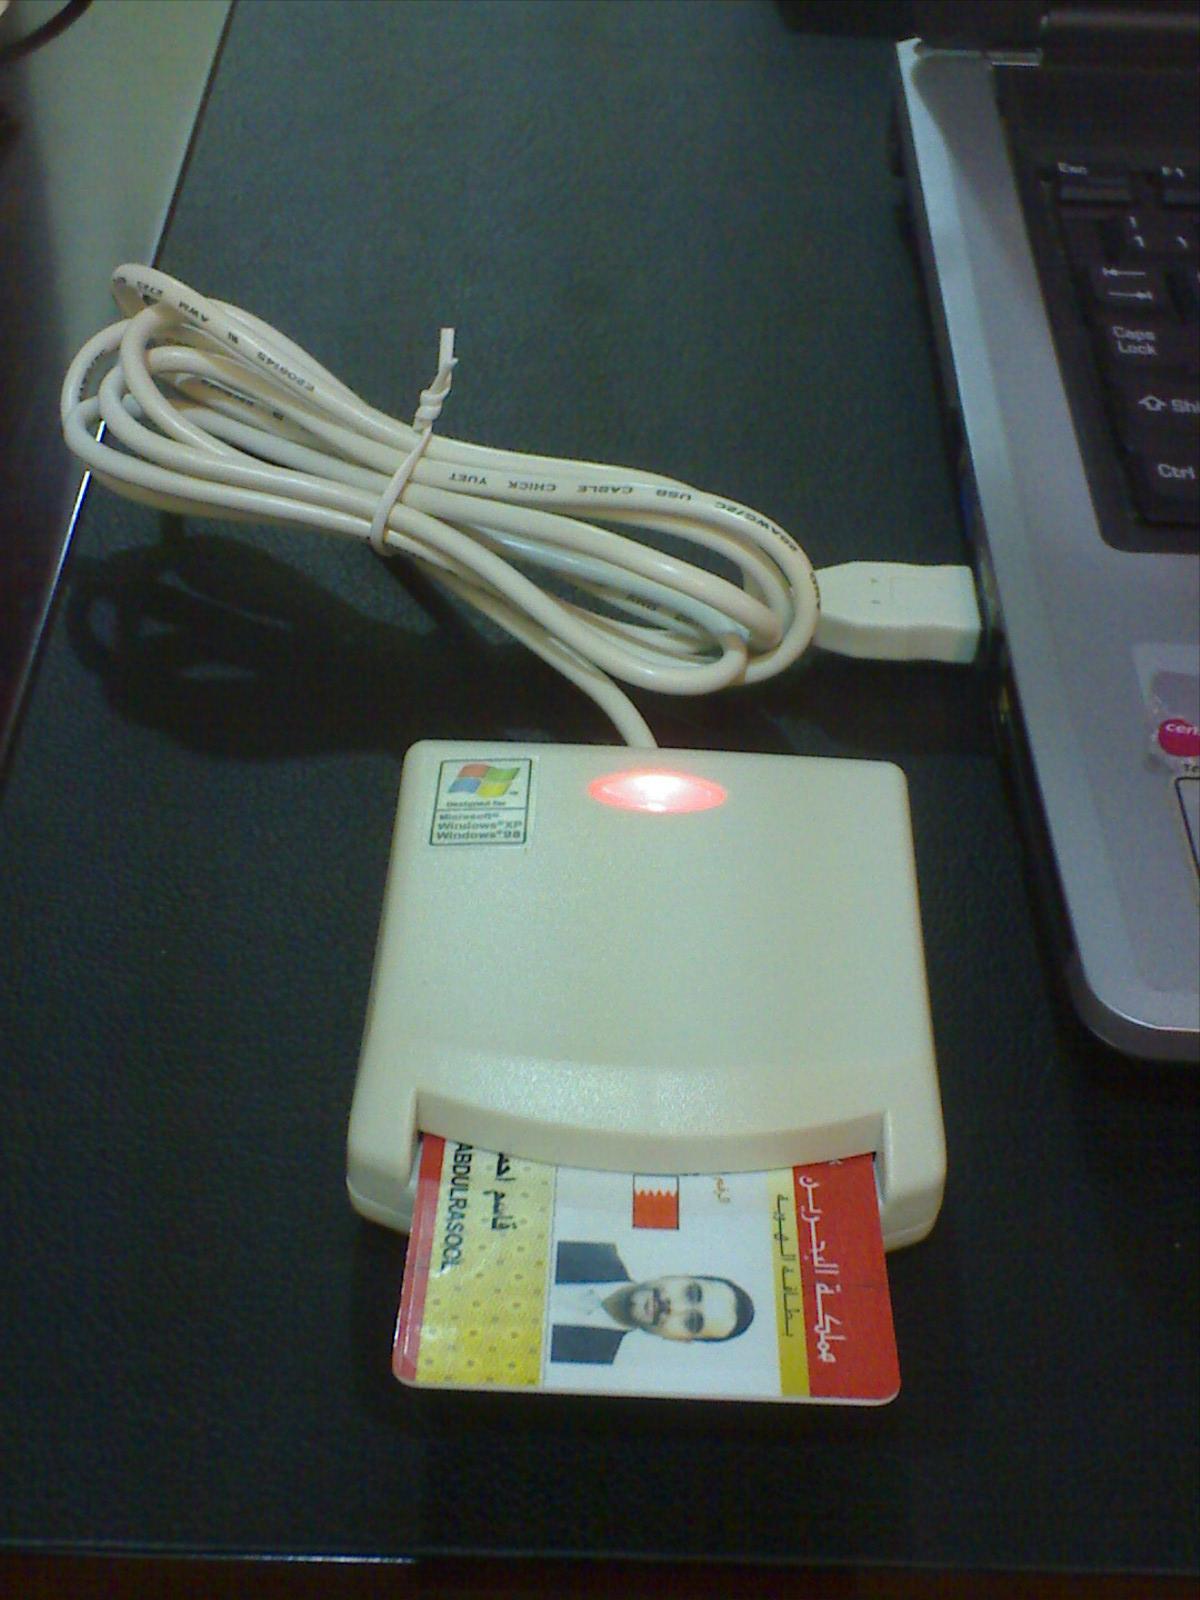 برنامج قارئ البطاقة الذكية البحرين